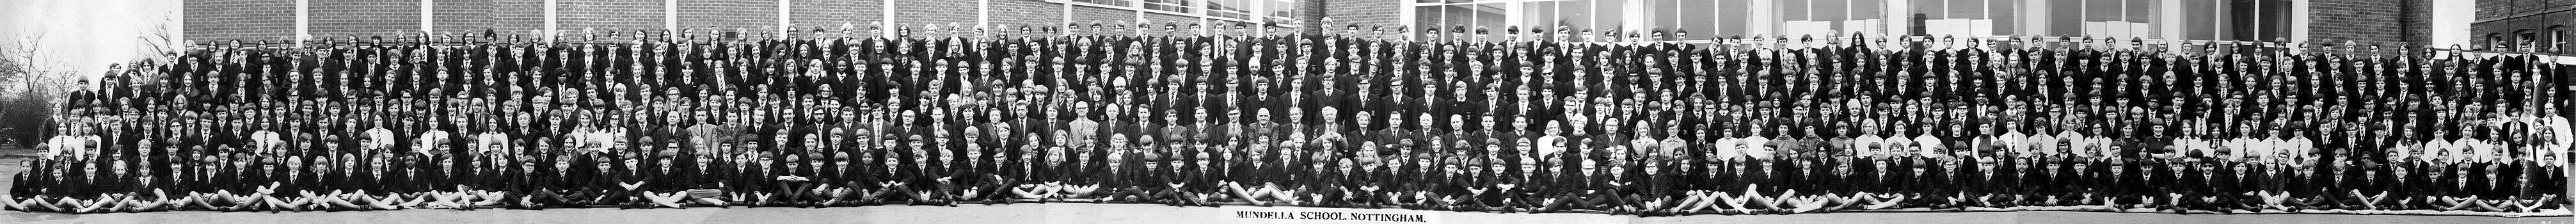 Mundella1969.jpg